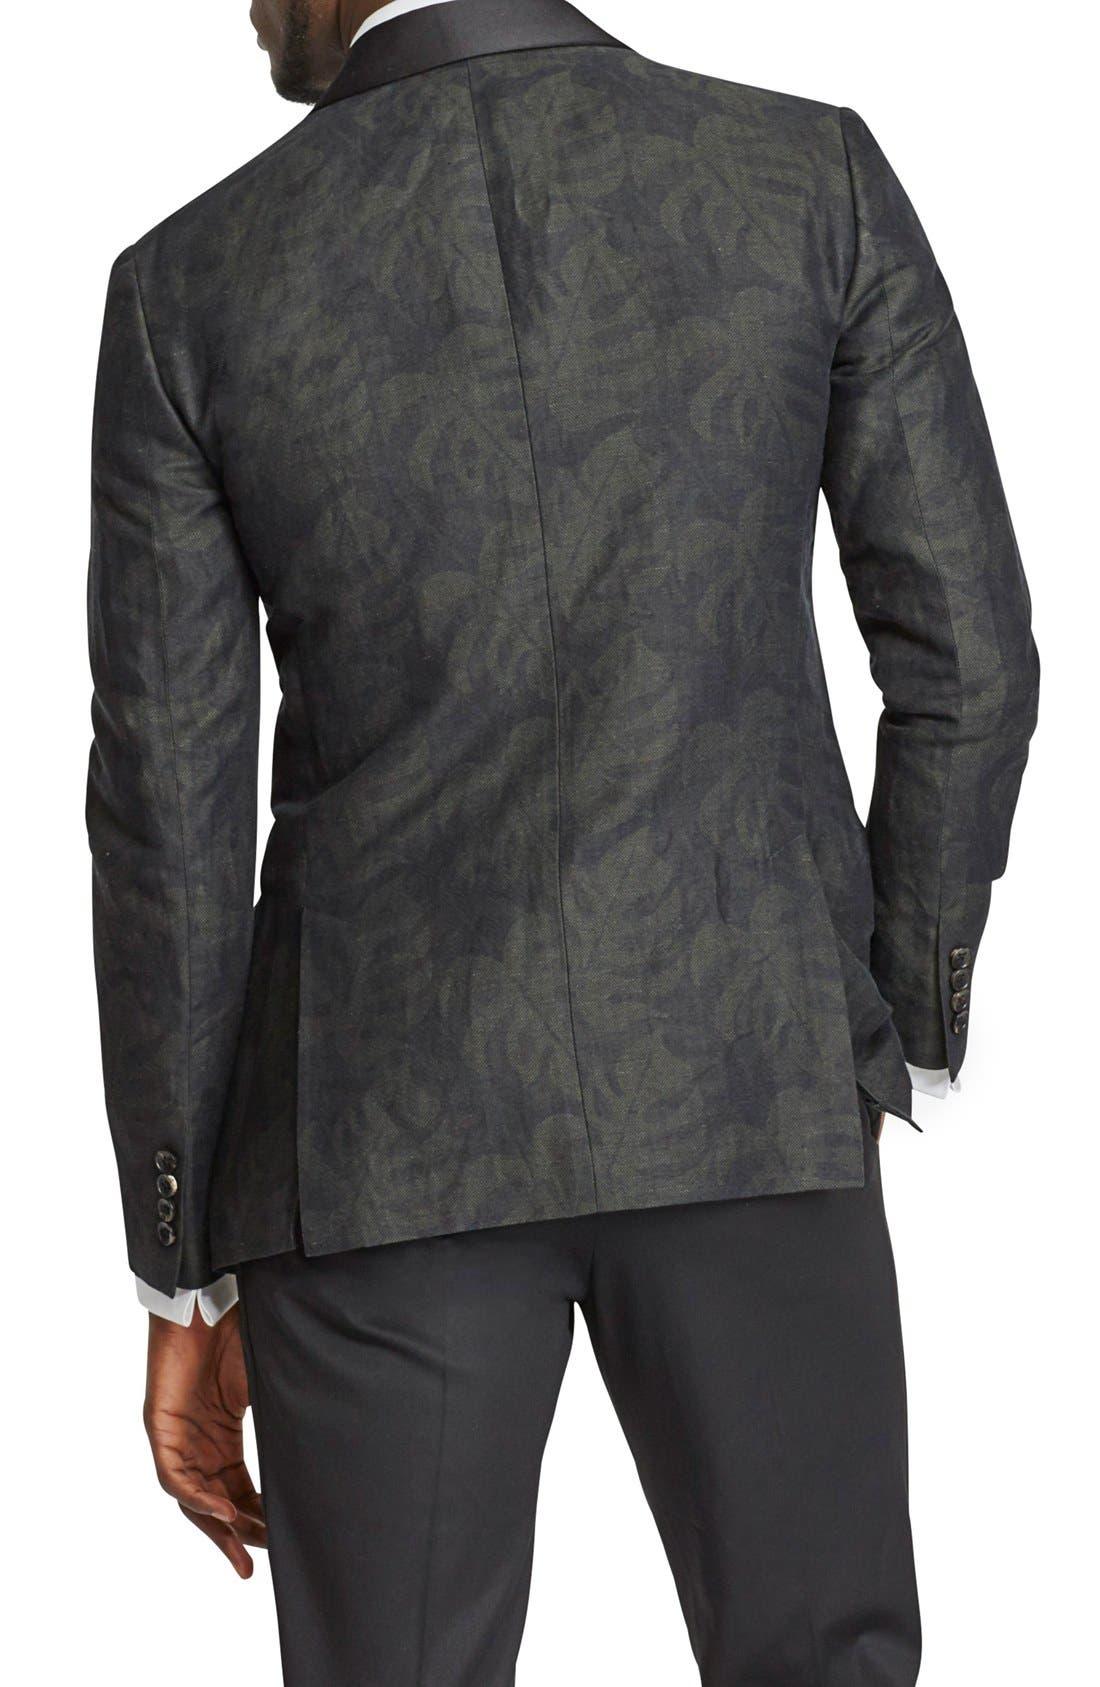 BONOBOS, Trim Fit Linen & Cotton Print Dinner Jacket, Alternate thumbnail 3, color, 001